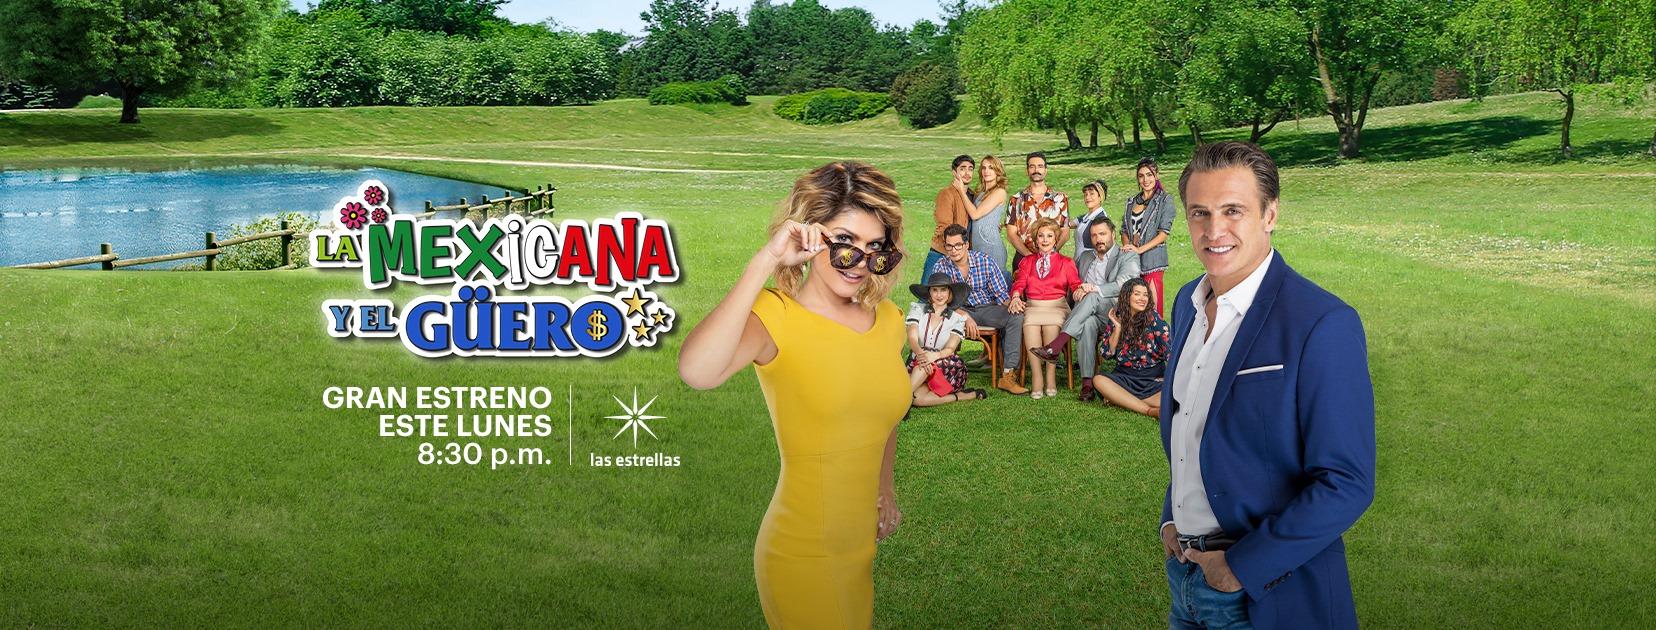 """Hoy lunes 17 de agosto se estrena la telenovela """"La Mexicana y el Güero"""", a las 20:30 horas por """"las estrellas"""""""